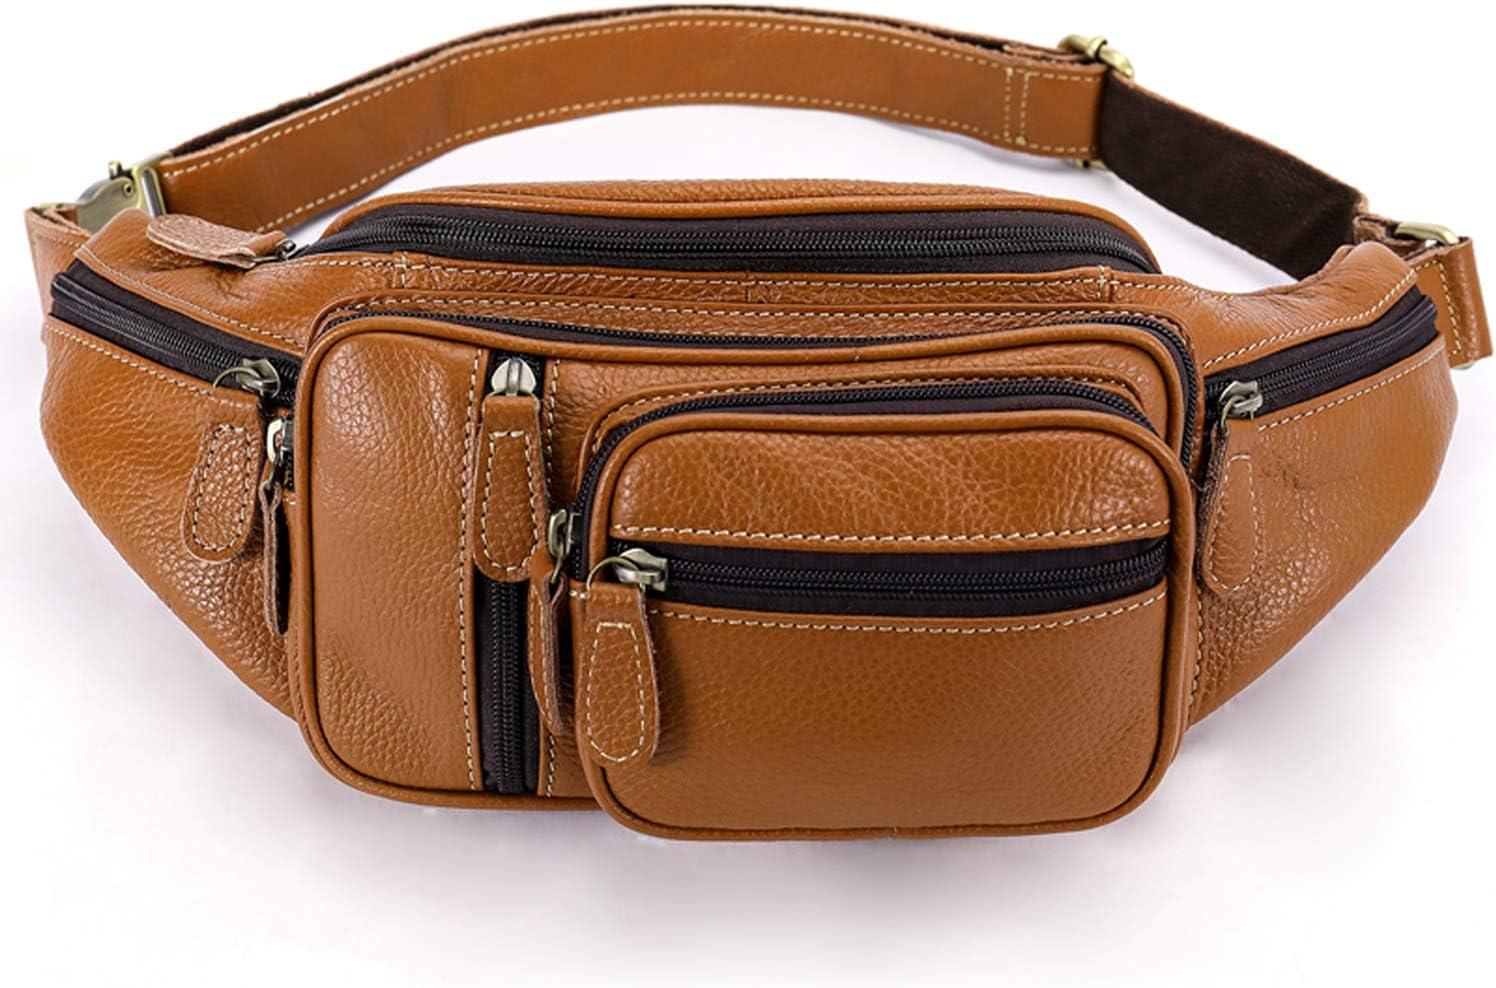 fanny pack bauchtasche kidney bag messenger bag waist bag vegan bag BLACK Big Hip Bag bum bag waterproof bag